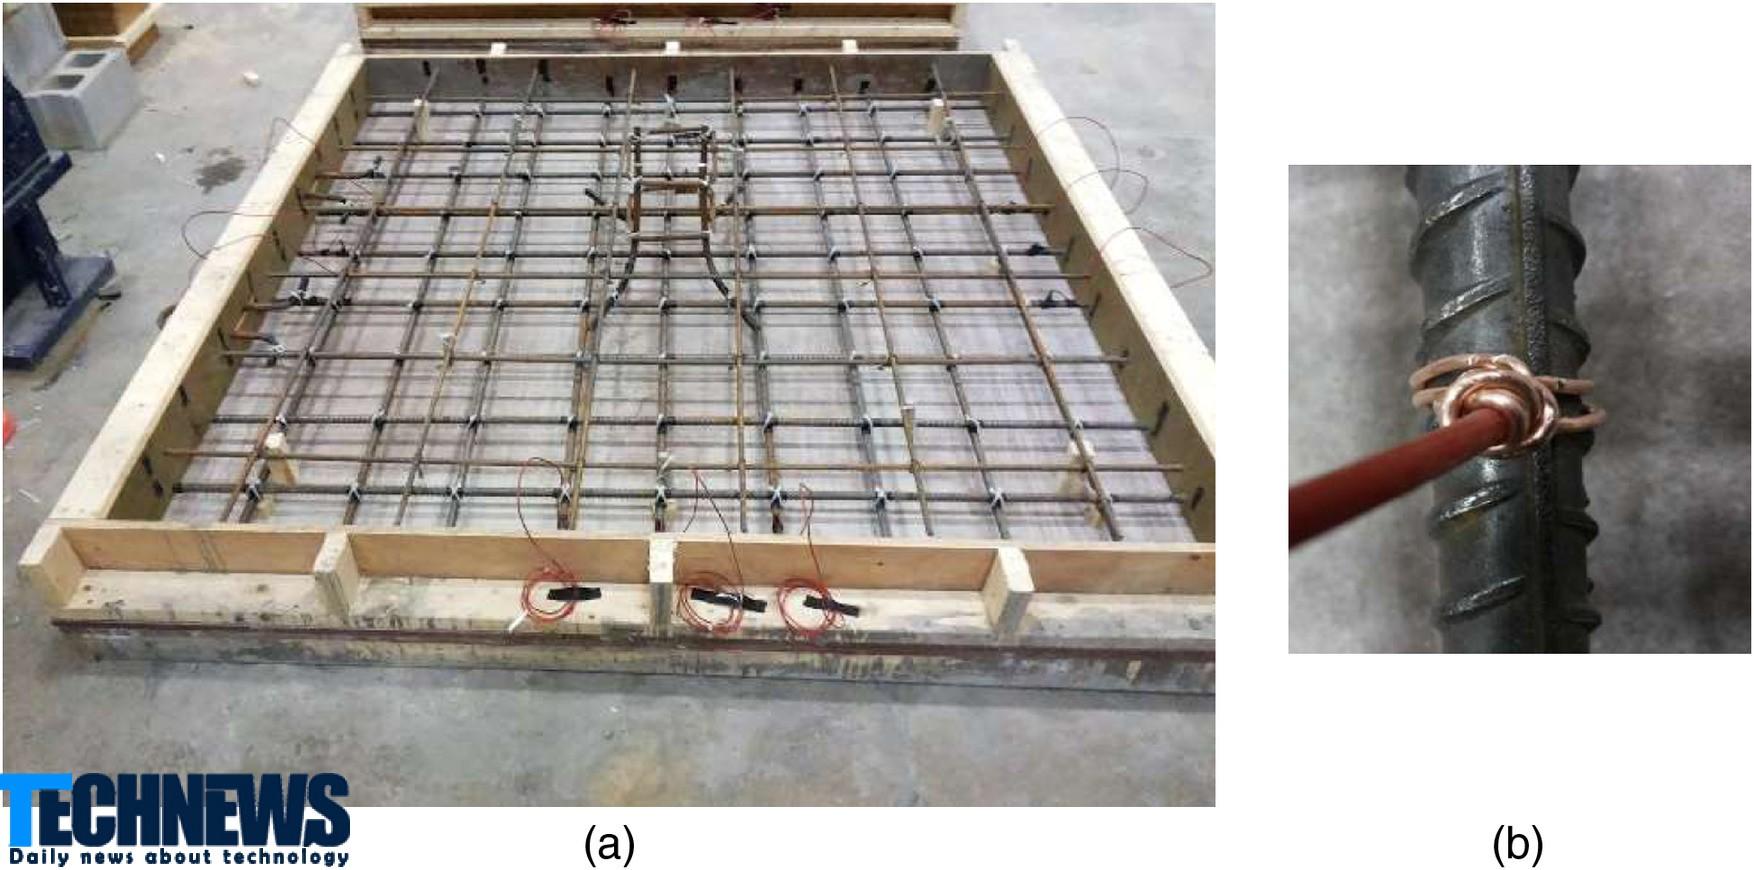 ساخت حسگرهای بتن سنج لحظه ای که میتواند ساختن یک ساختمان را چندین ماه تسریع کند